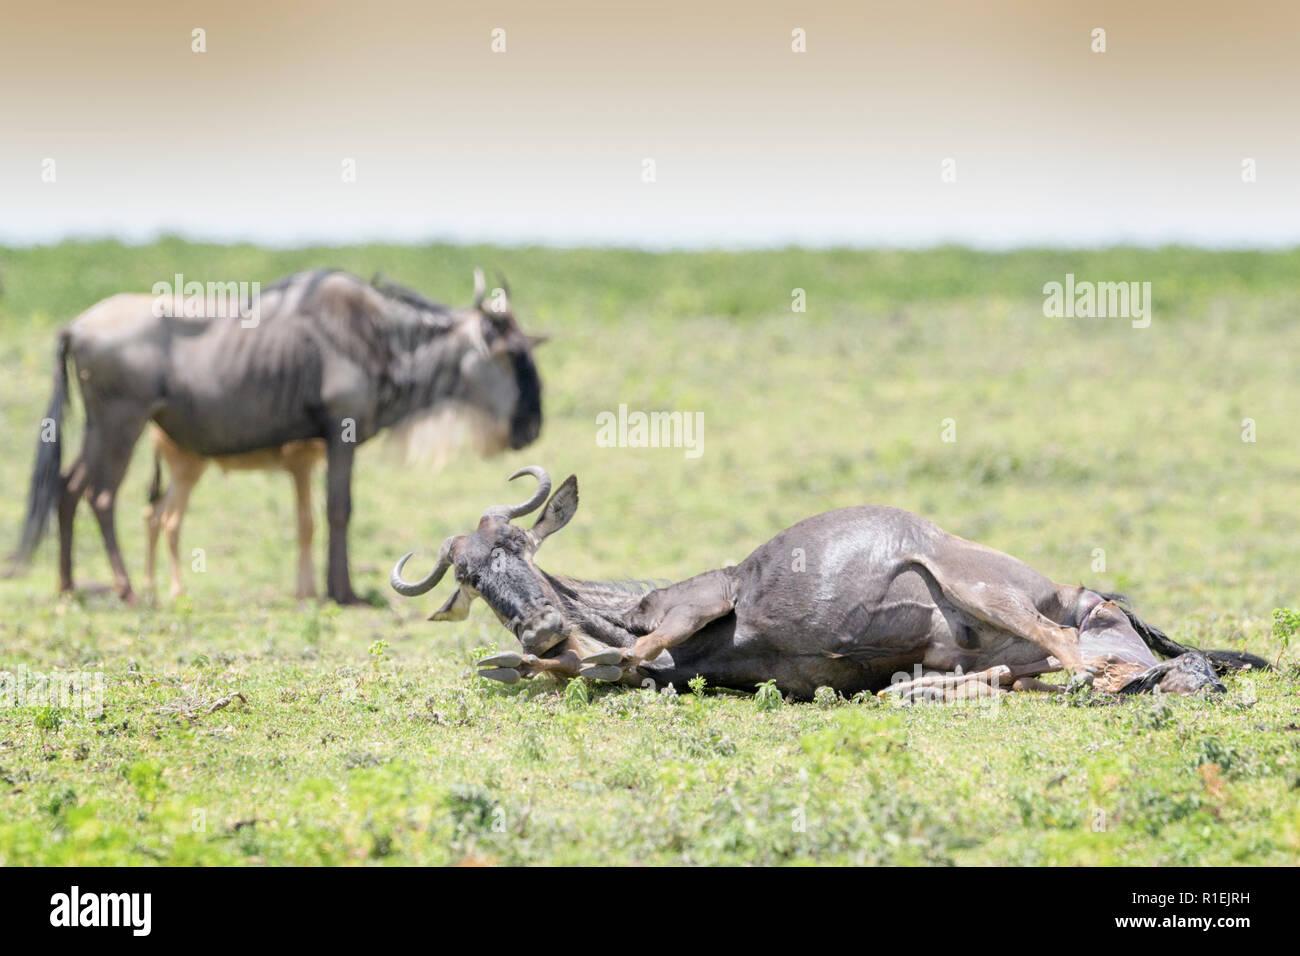 Blue Gnu (Connochaetes taurinus) sdraiato alla nascita di un vitello, Ngorongoro Conservation Area, Tanzania. Foto Stock